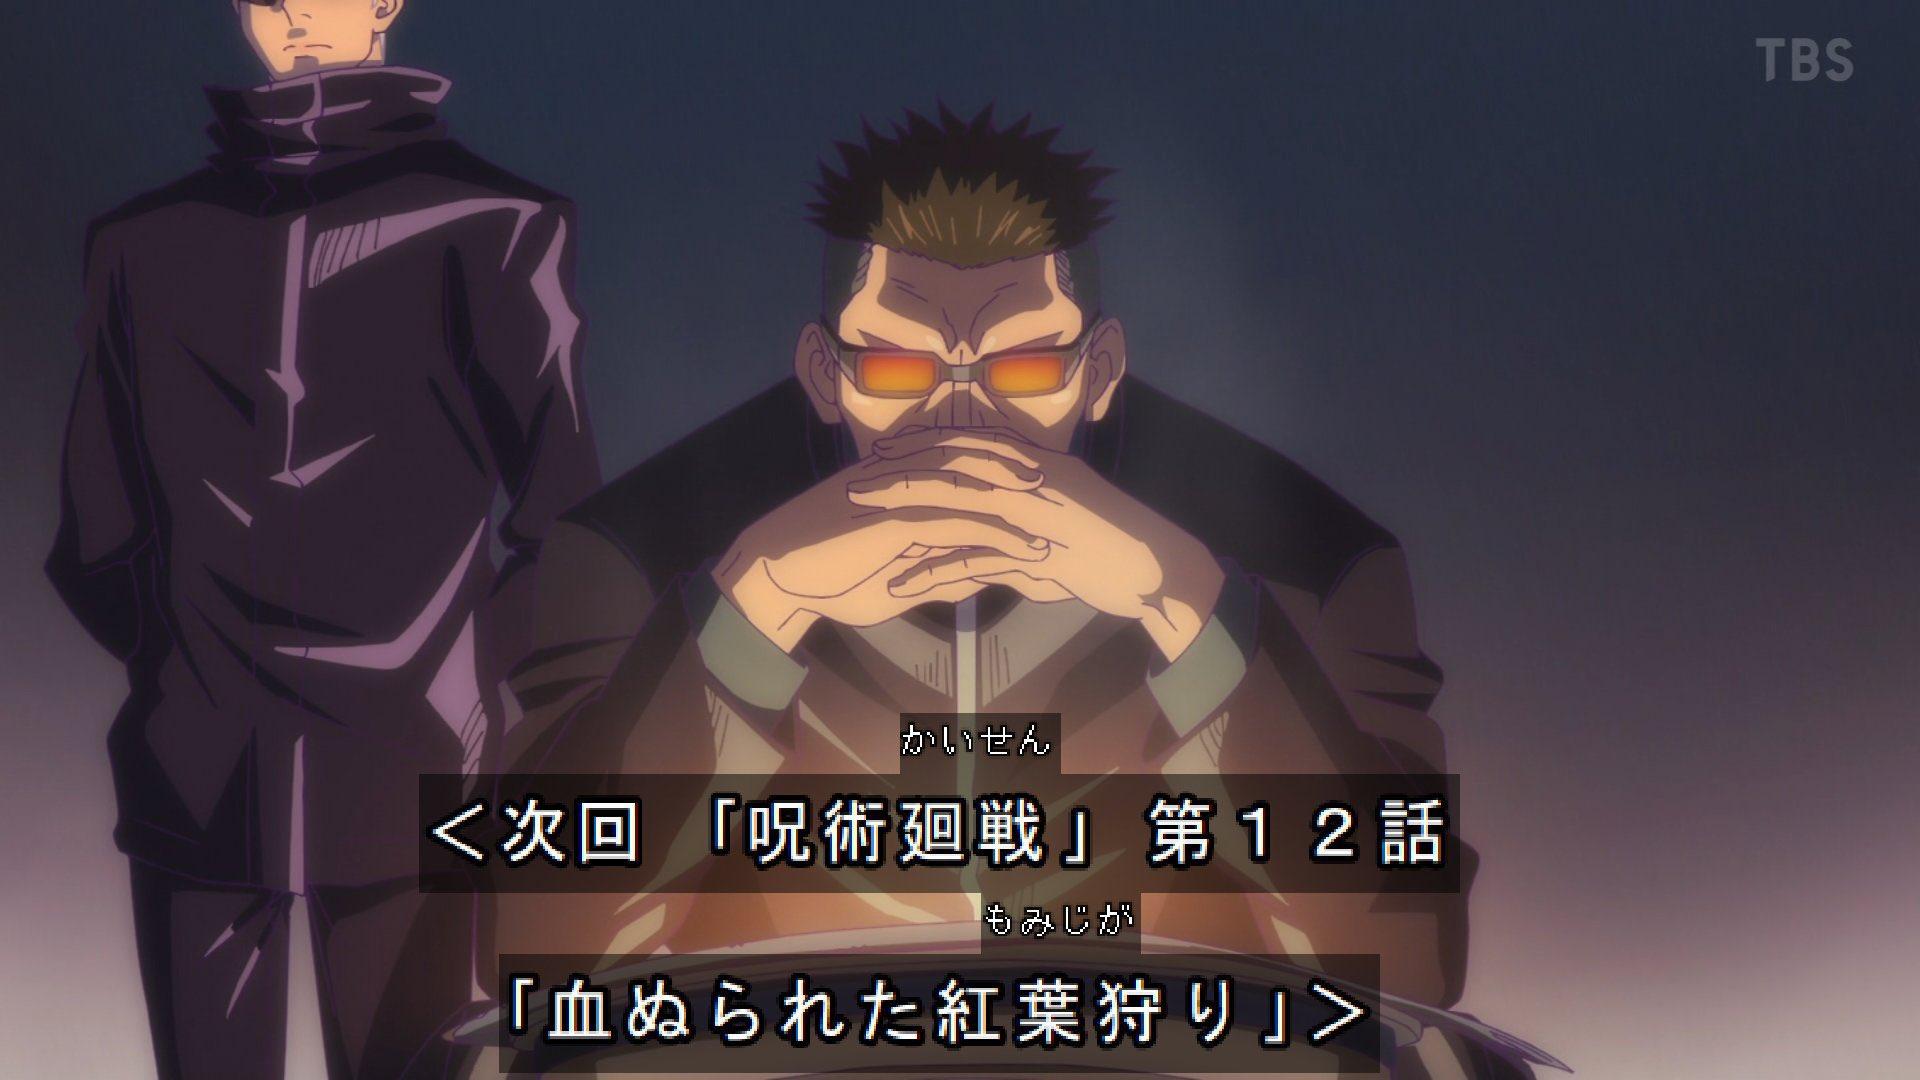 「純愛戰神」被吐槽像碇真嗣,《咒術回戰》又在玩《EVA》的梗